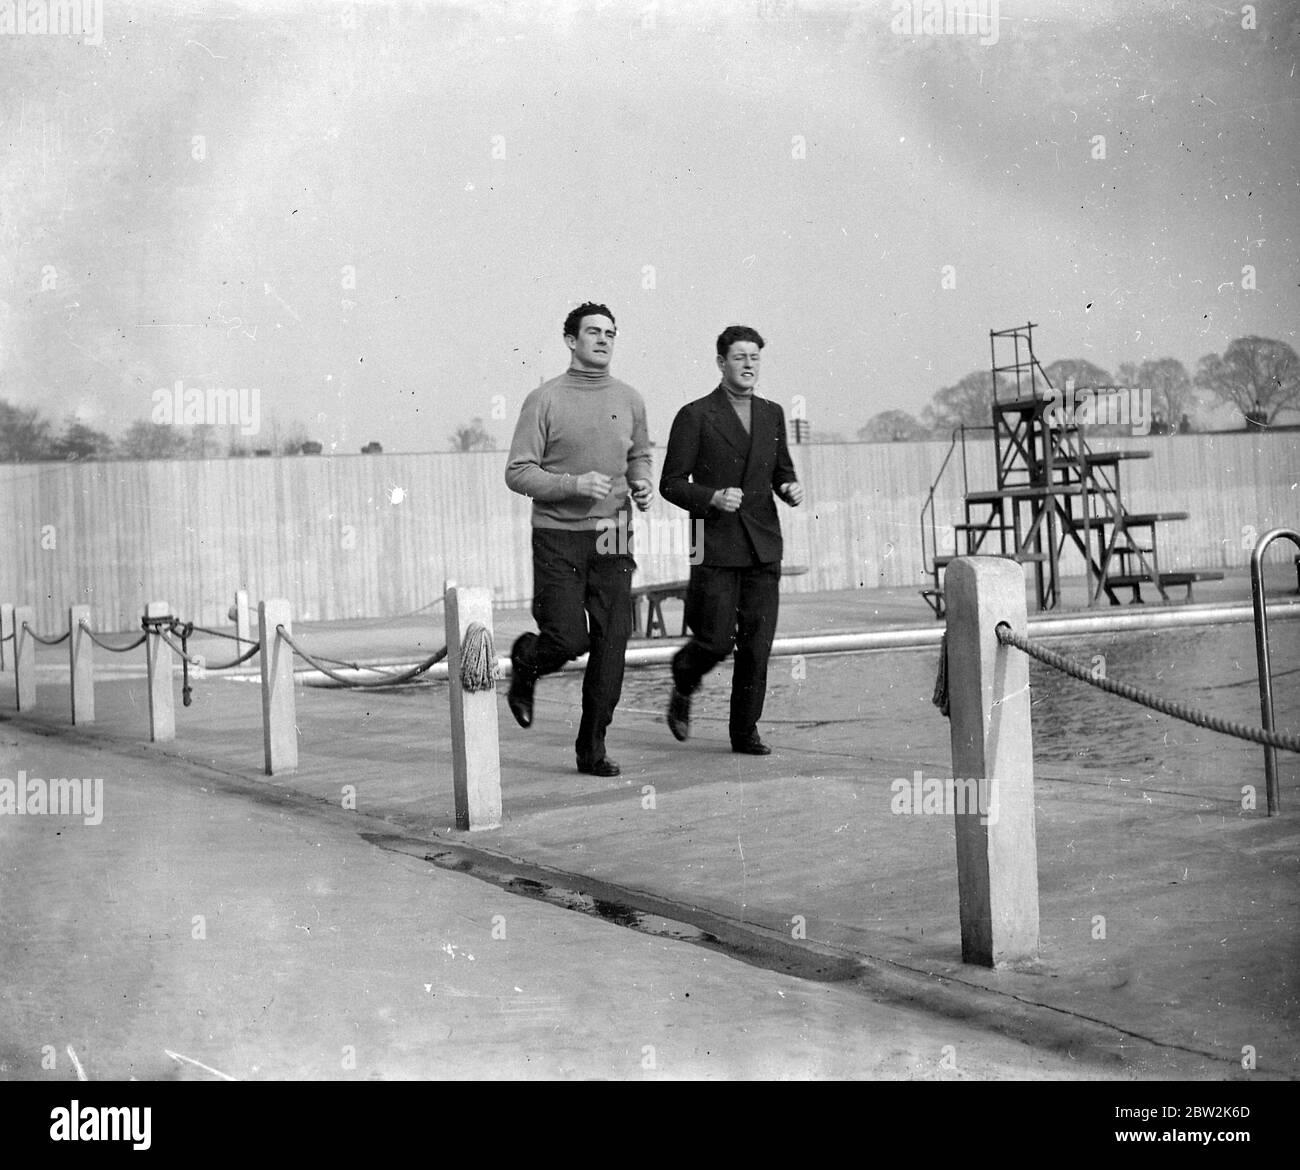 Jack Doyle y su hermano corriendo. [Jack Doyle, alias el Gael magnífico, contendiente para el Campeonato de Boxeo Británico, actor y tenor de Hollywood] 1934 Foto de stock